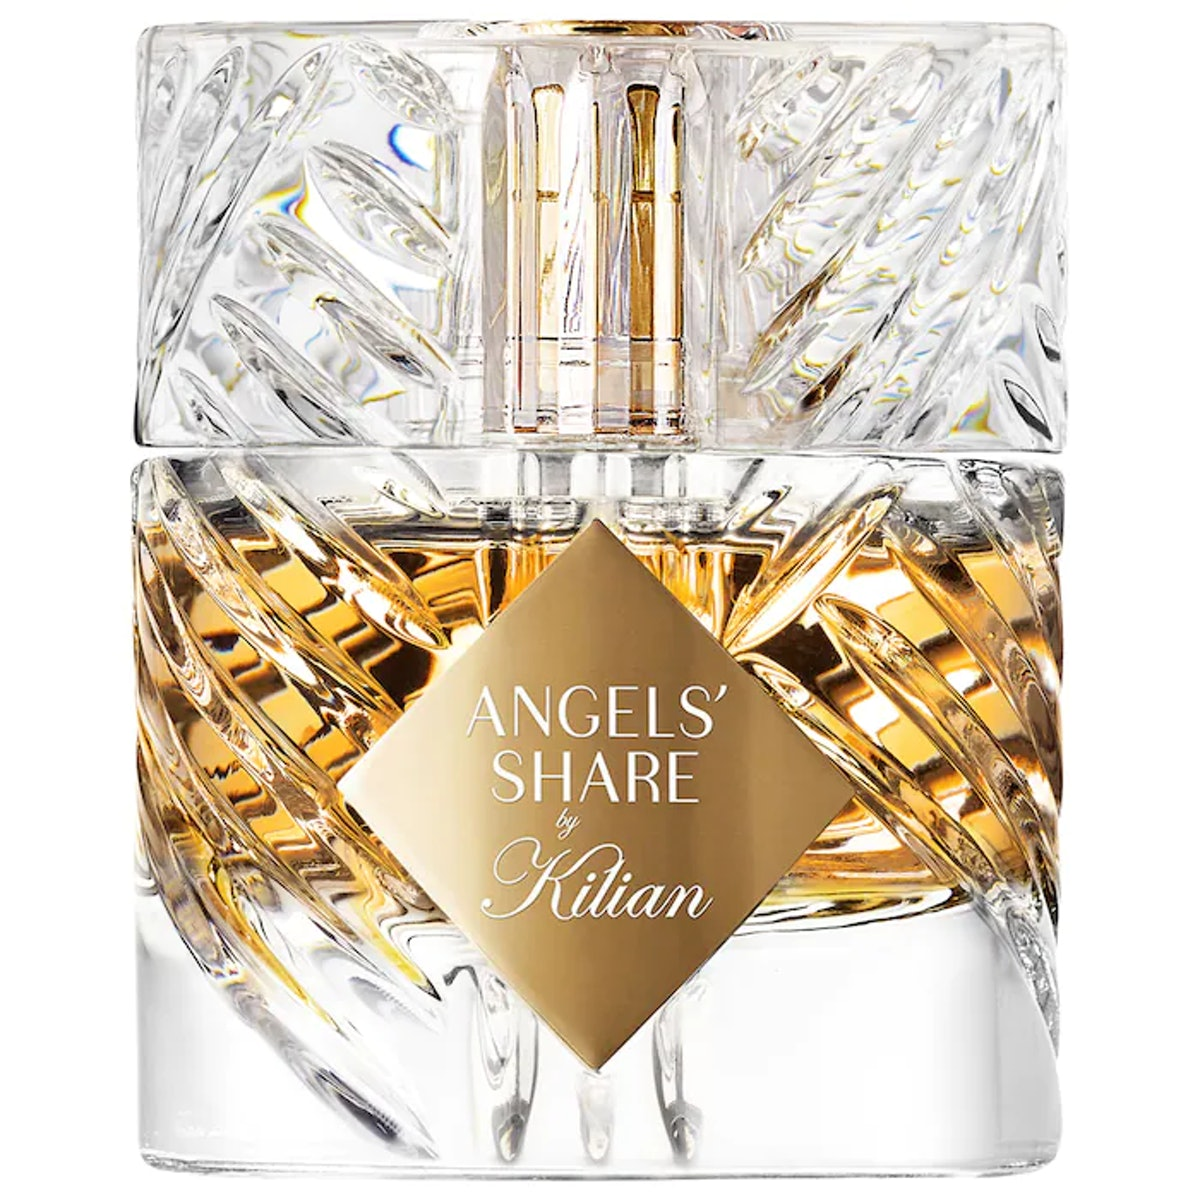 Angels Share Eau De Parfum